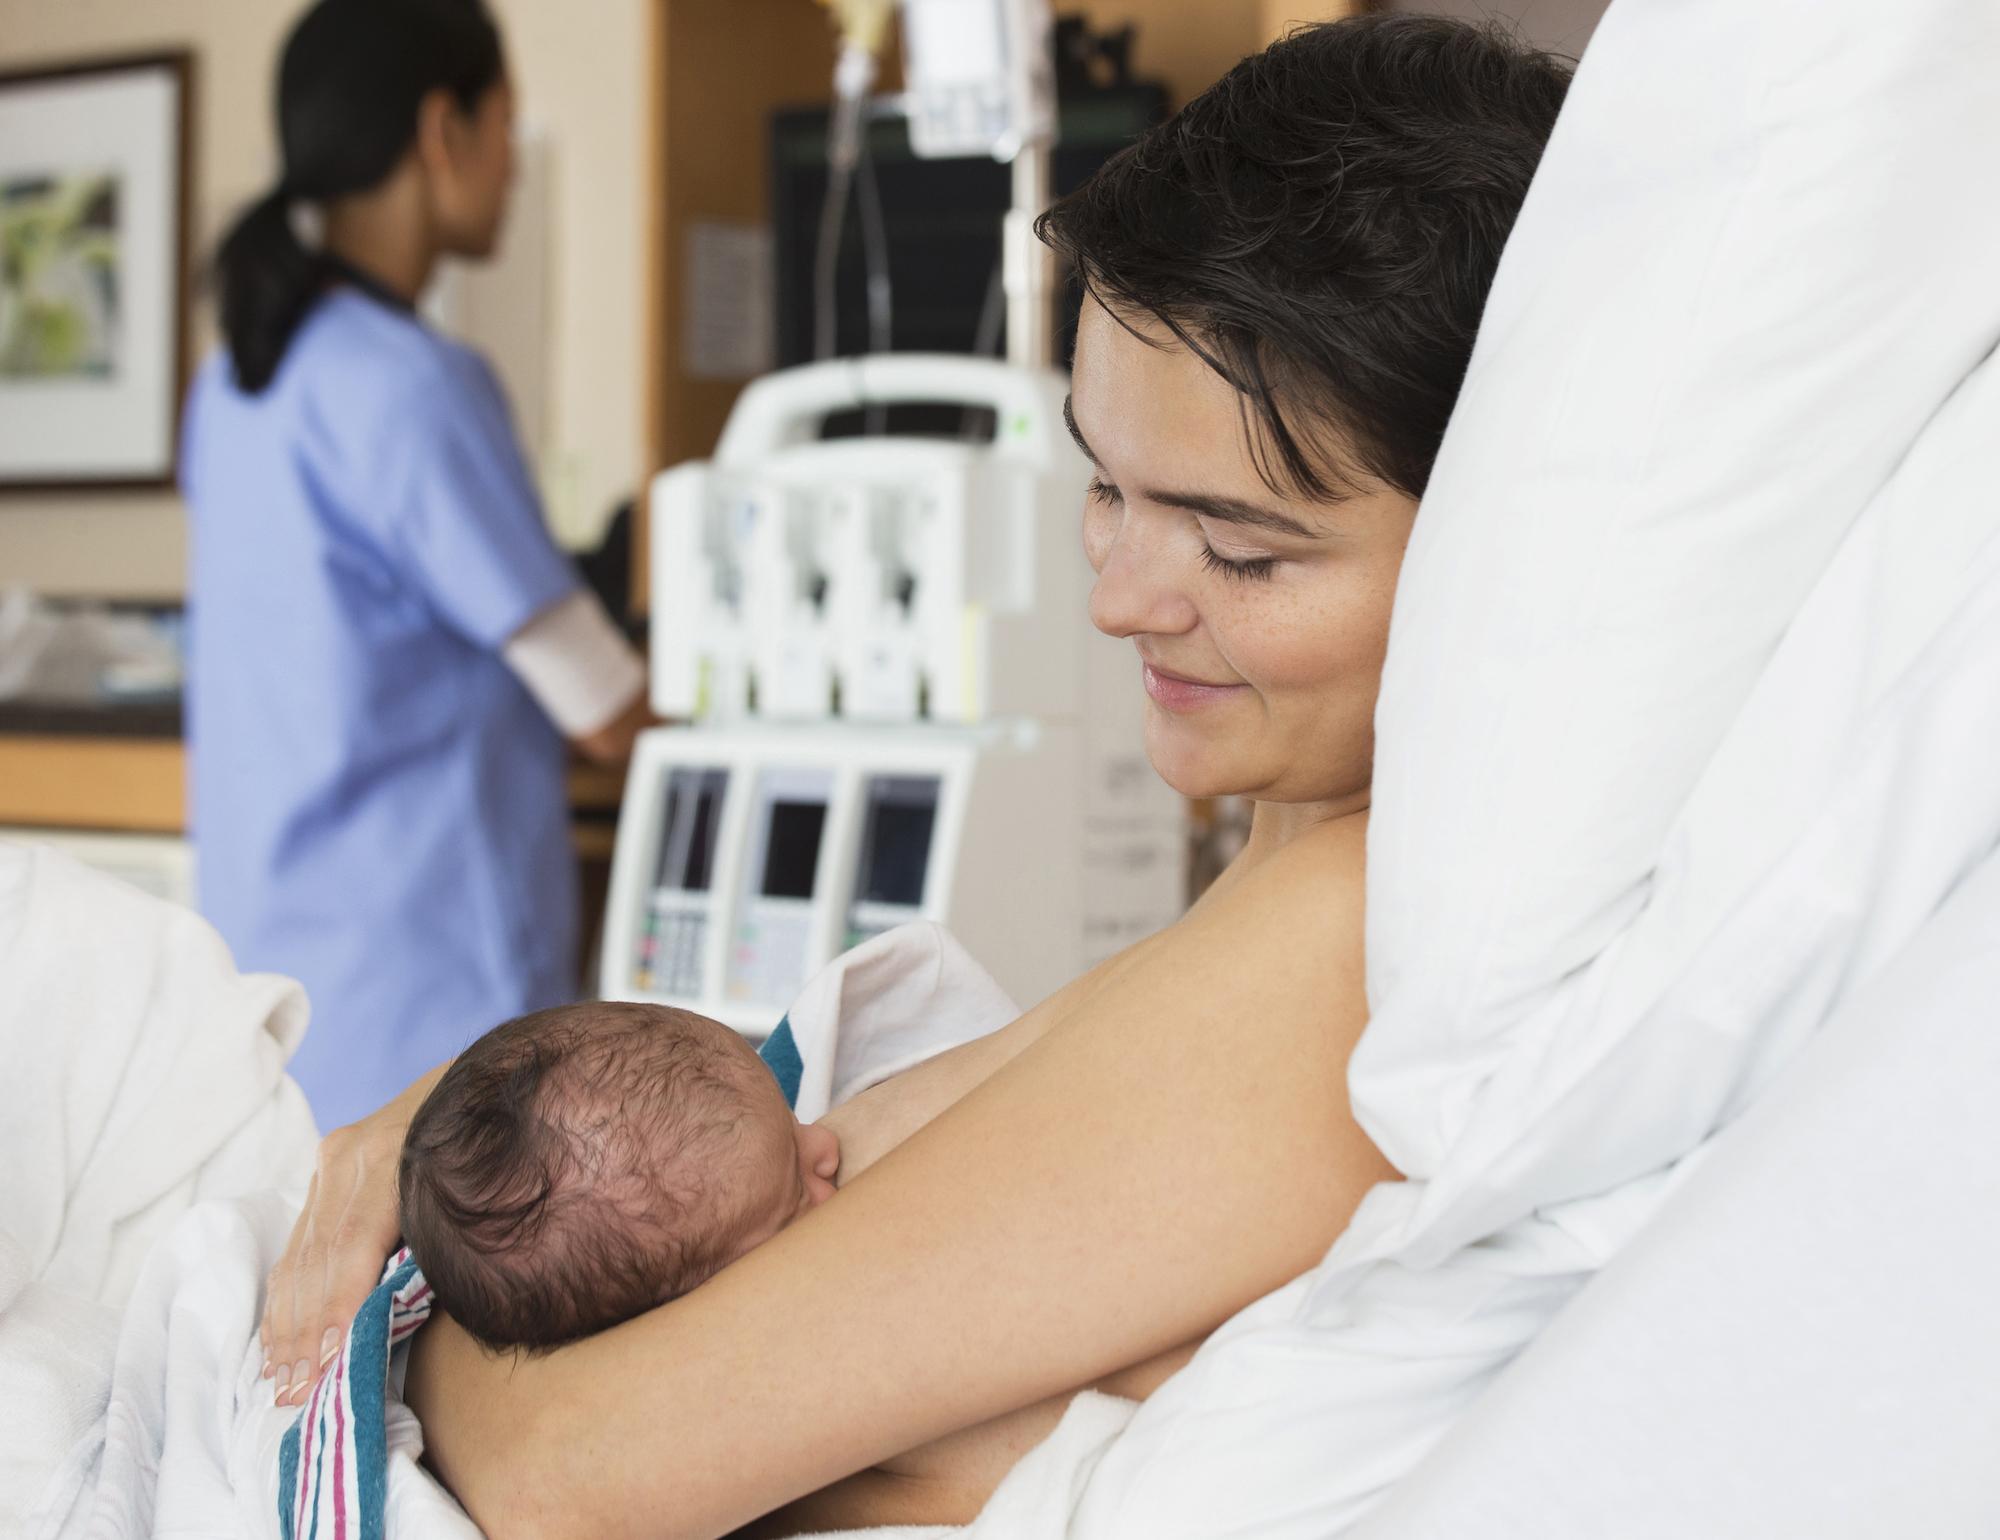 mom breastfeeding tips